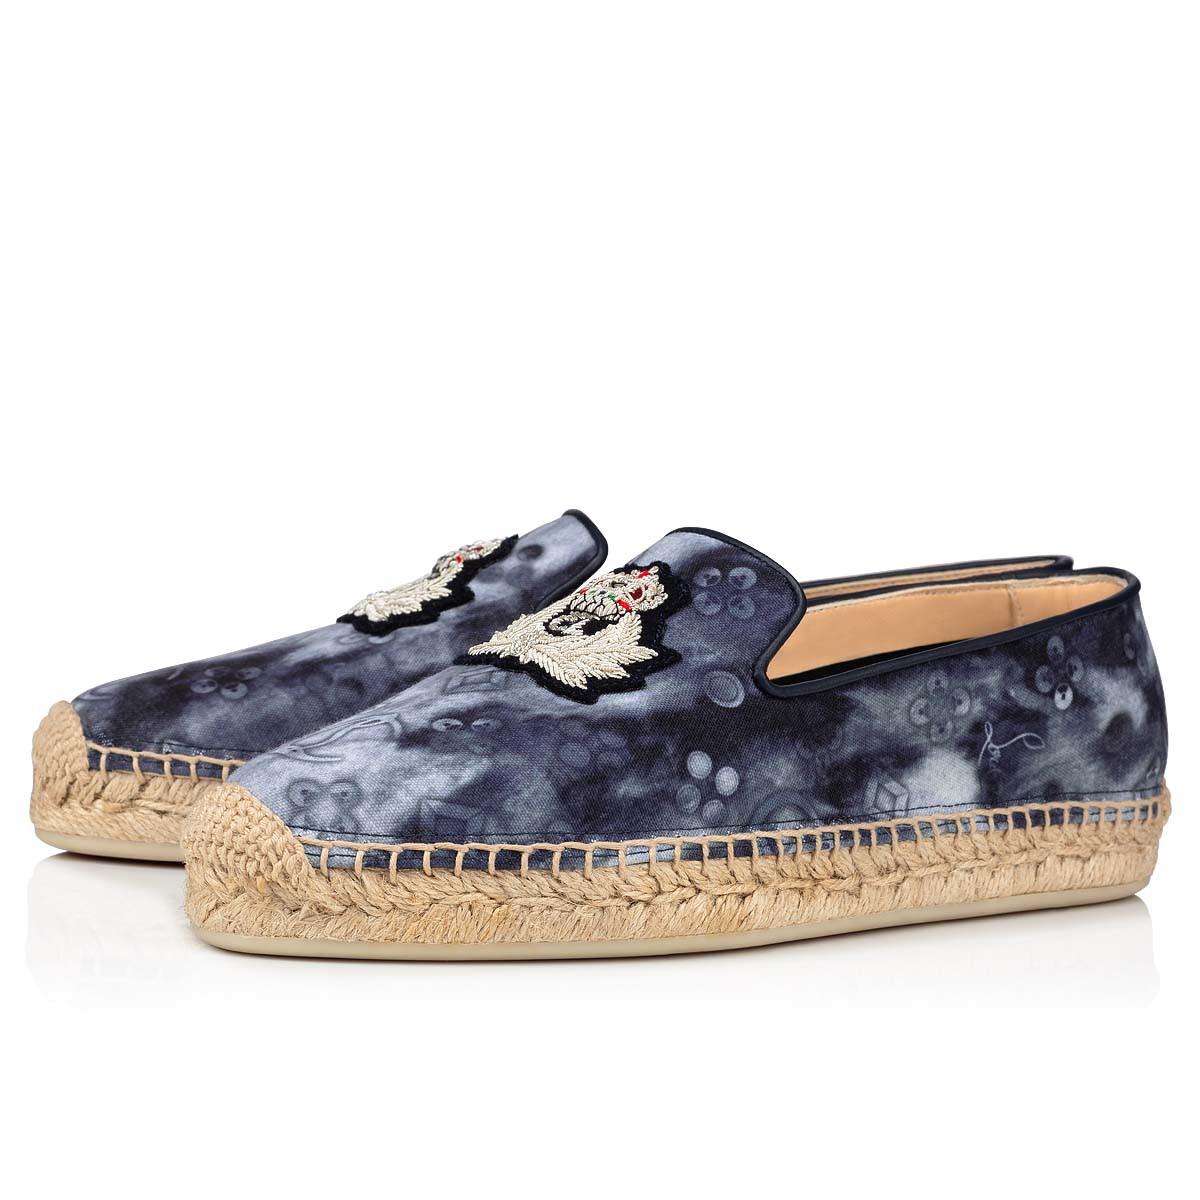 Shoes - Nanou Orlato Woman Flat - Christian Louboutin